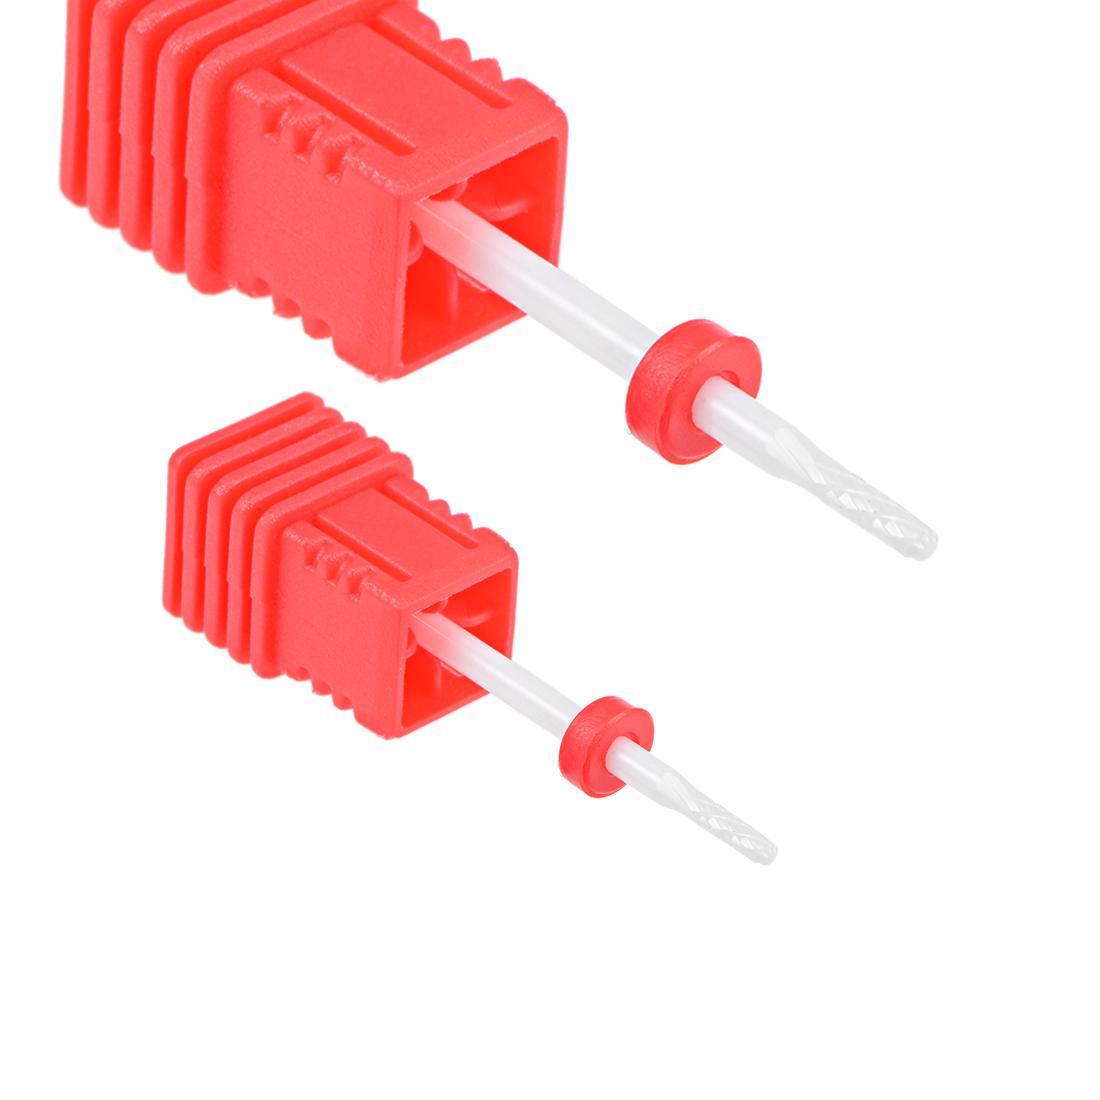 """2pcs Ceramic Nail Drill Bits 3/32"""" Fine Acrylic Nails File for Manicure Pedicure"""